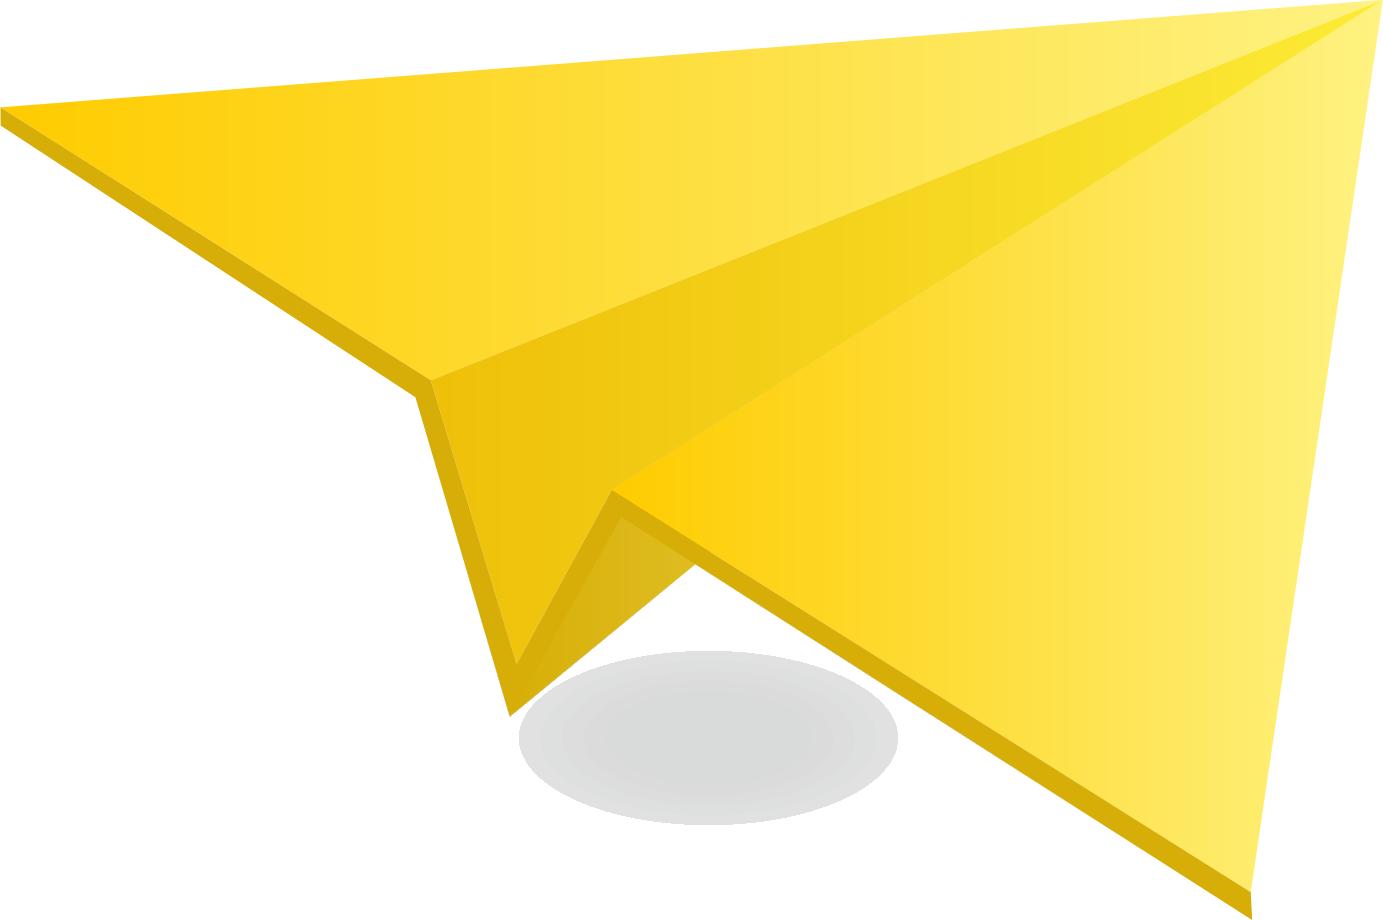 Yellow Paper Plane Paper Plane Yellow Paper Paper Glider